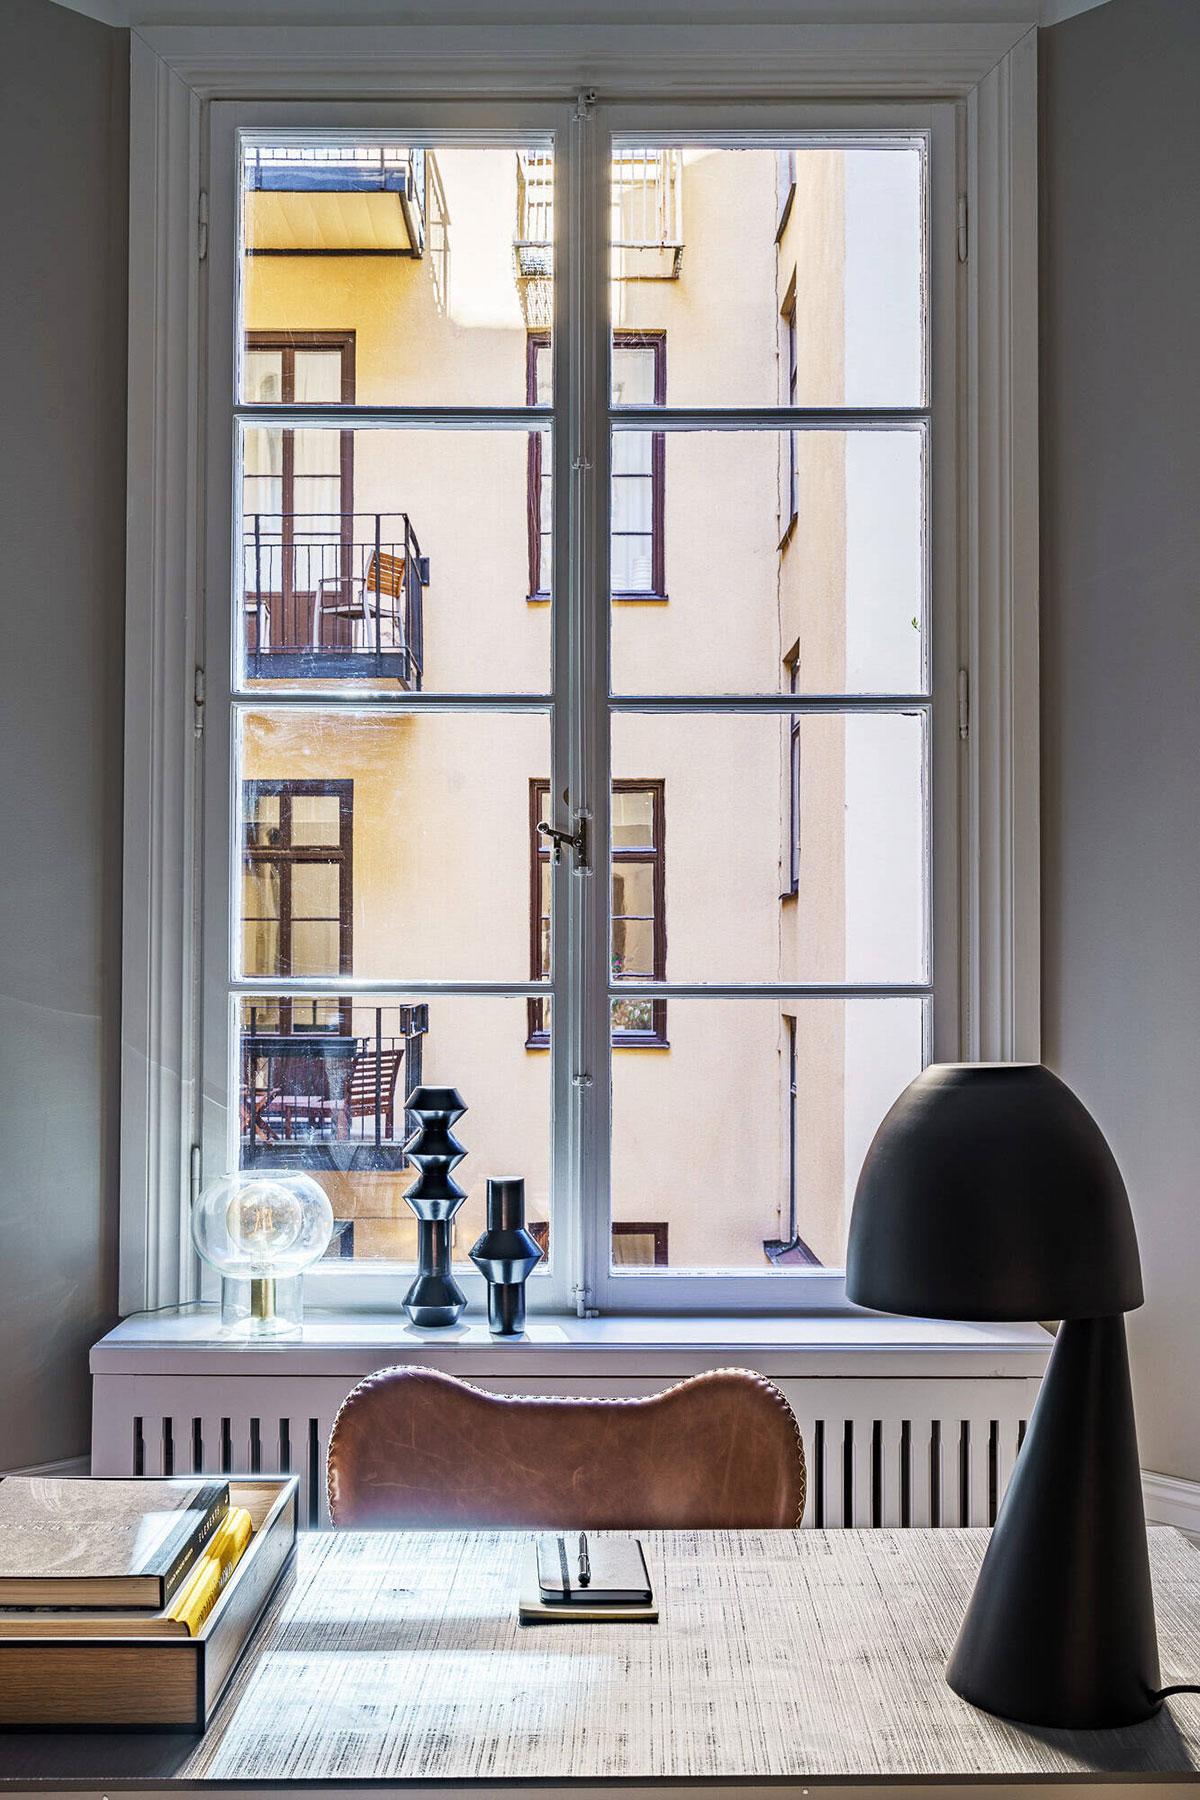 Элегантный современный интерьер в старинном доме на набережной в Стокгольме